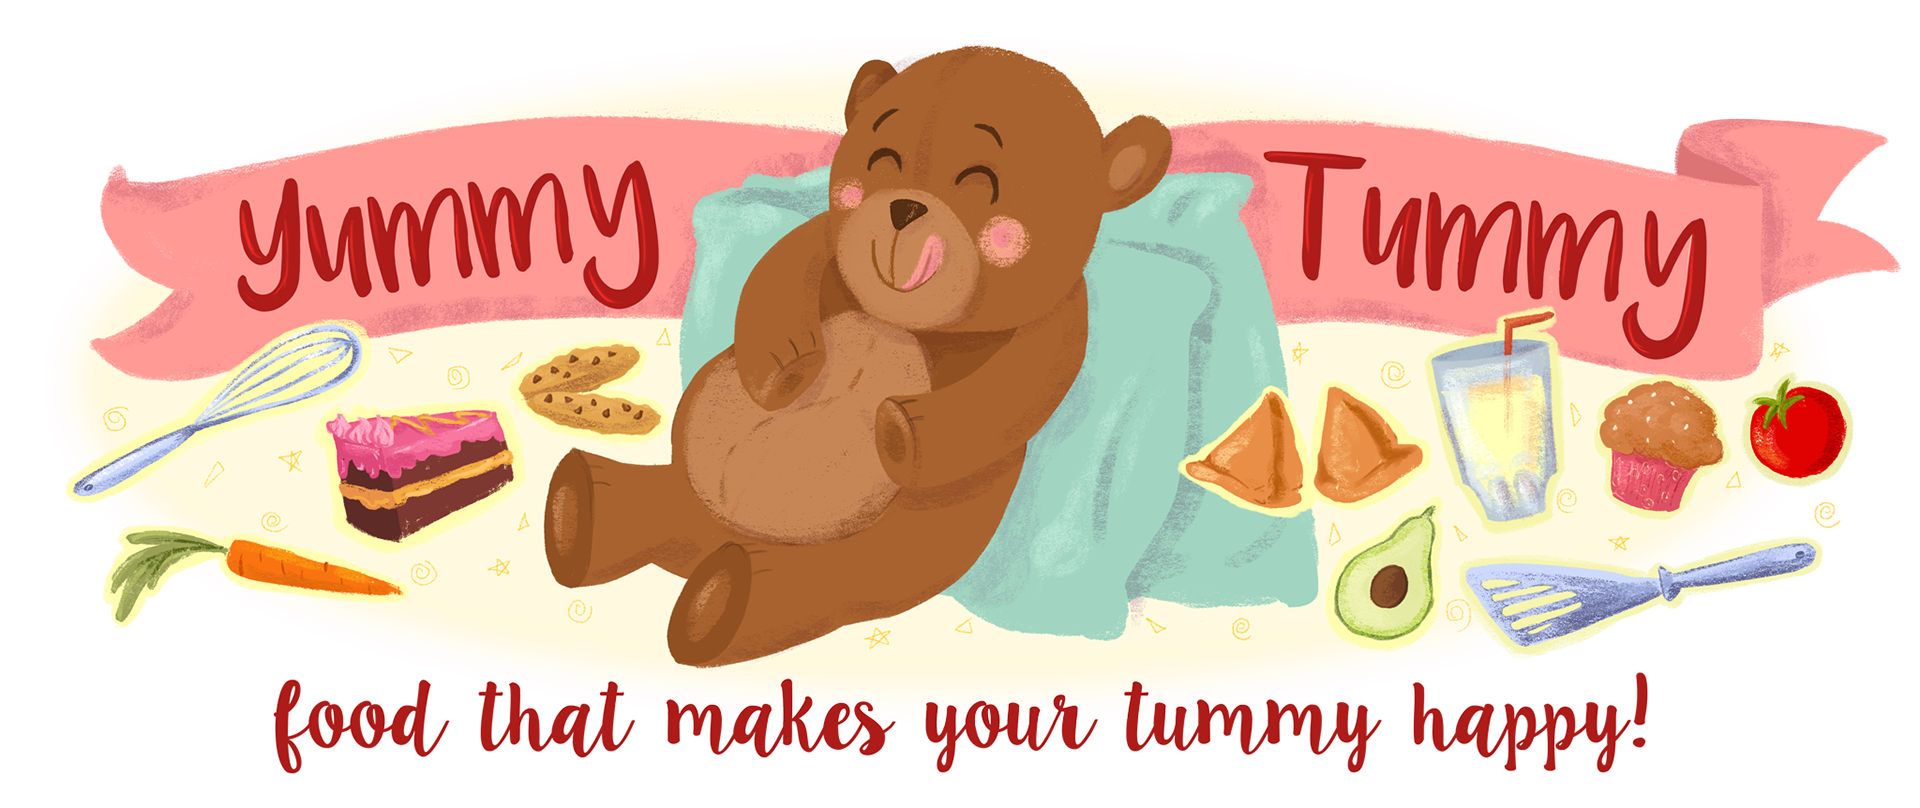 Ramya Ramakrishnan - Yummy Tummy! Illustrated Logo  Ramya Ramakrish...